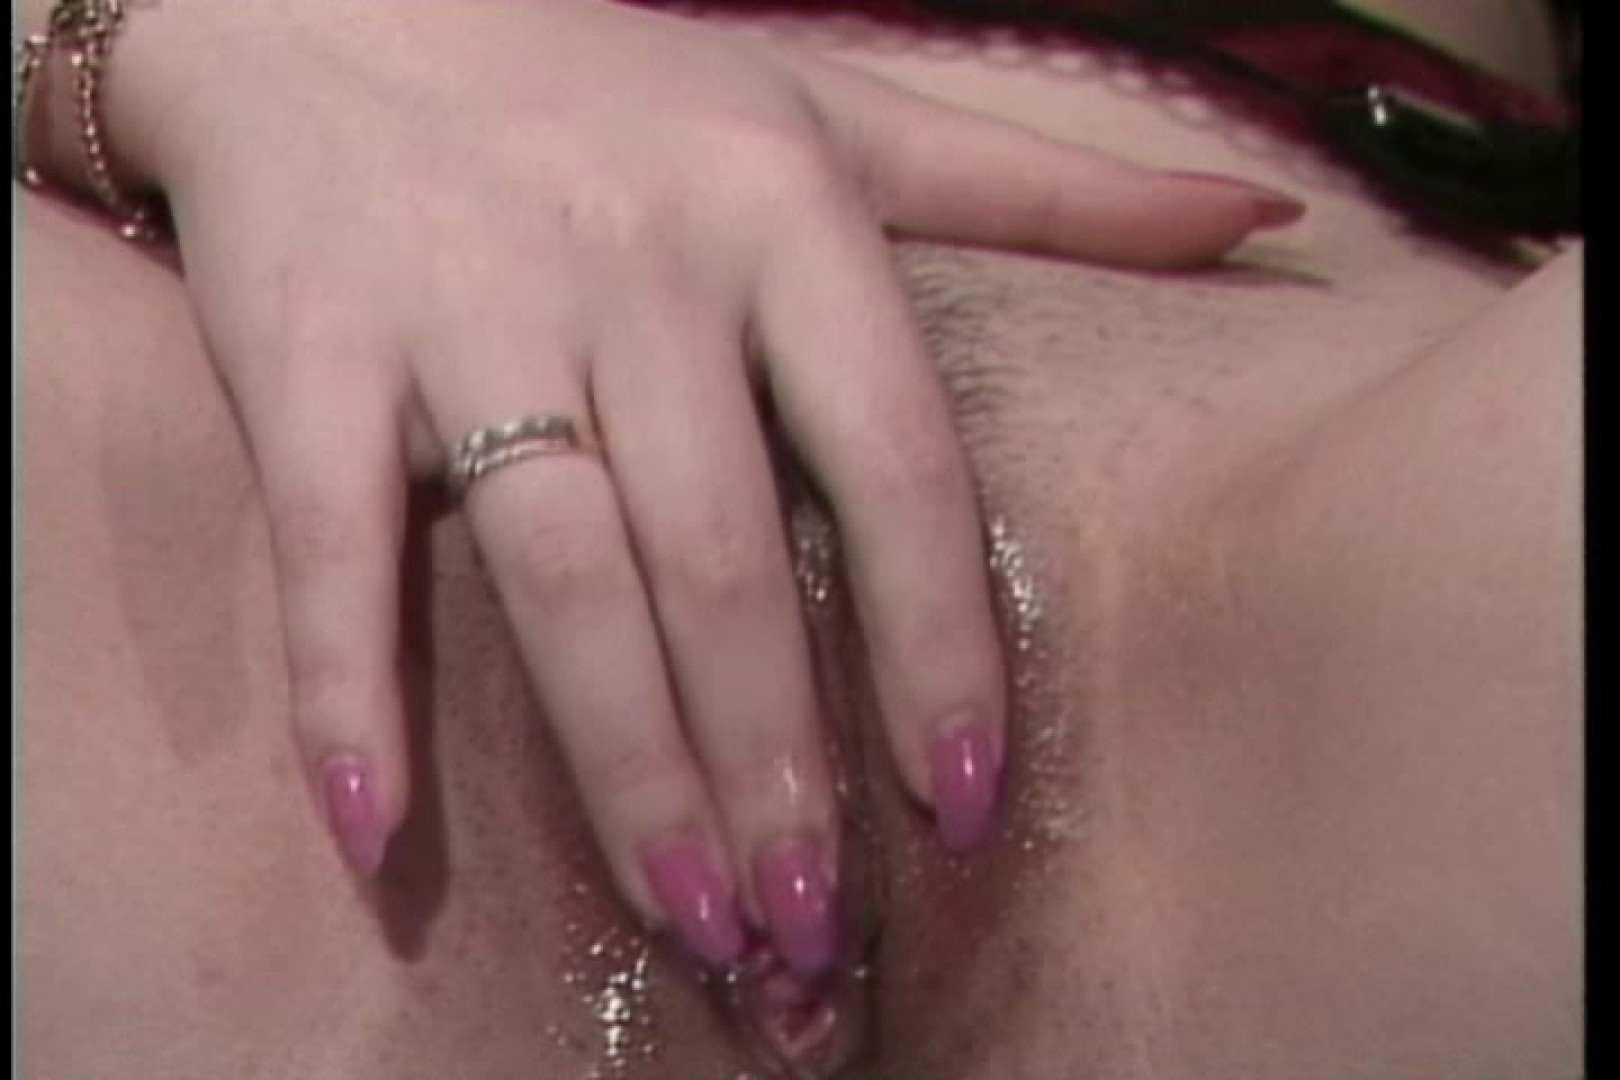 変態亜美のアブノーマルな世界・前編~夢野亜美~ オナニー特集   巨乳デカ乳  112画像 74